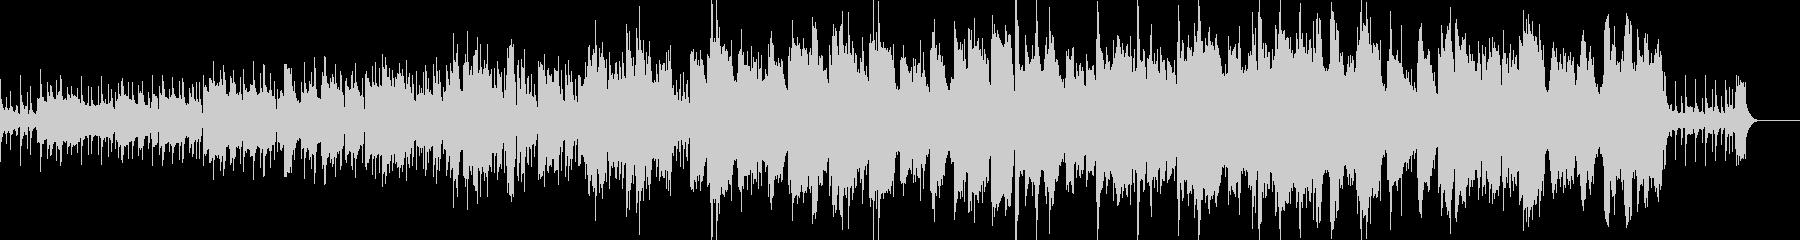 ファンタジーRPGの村や集落の音楽の未再生の波形